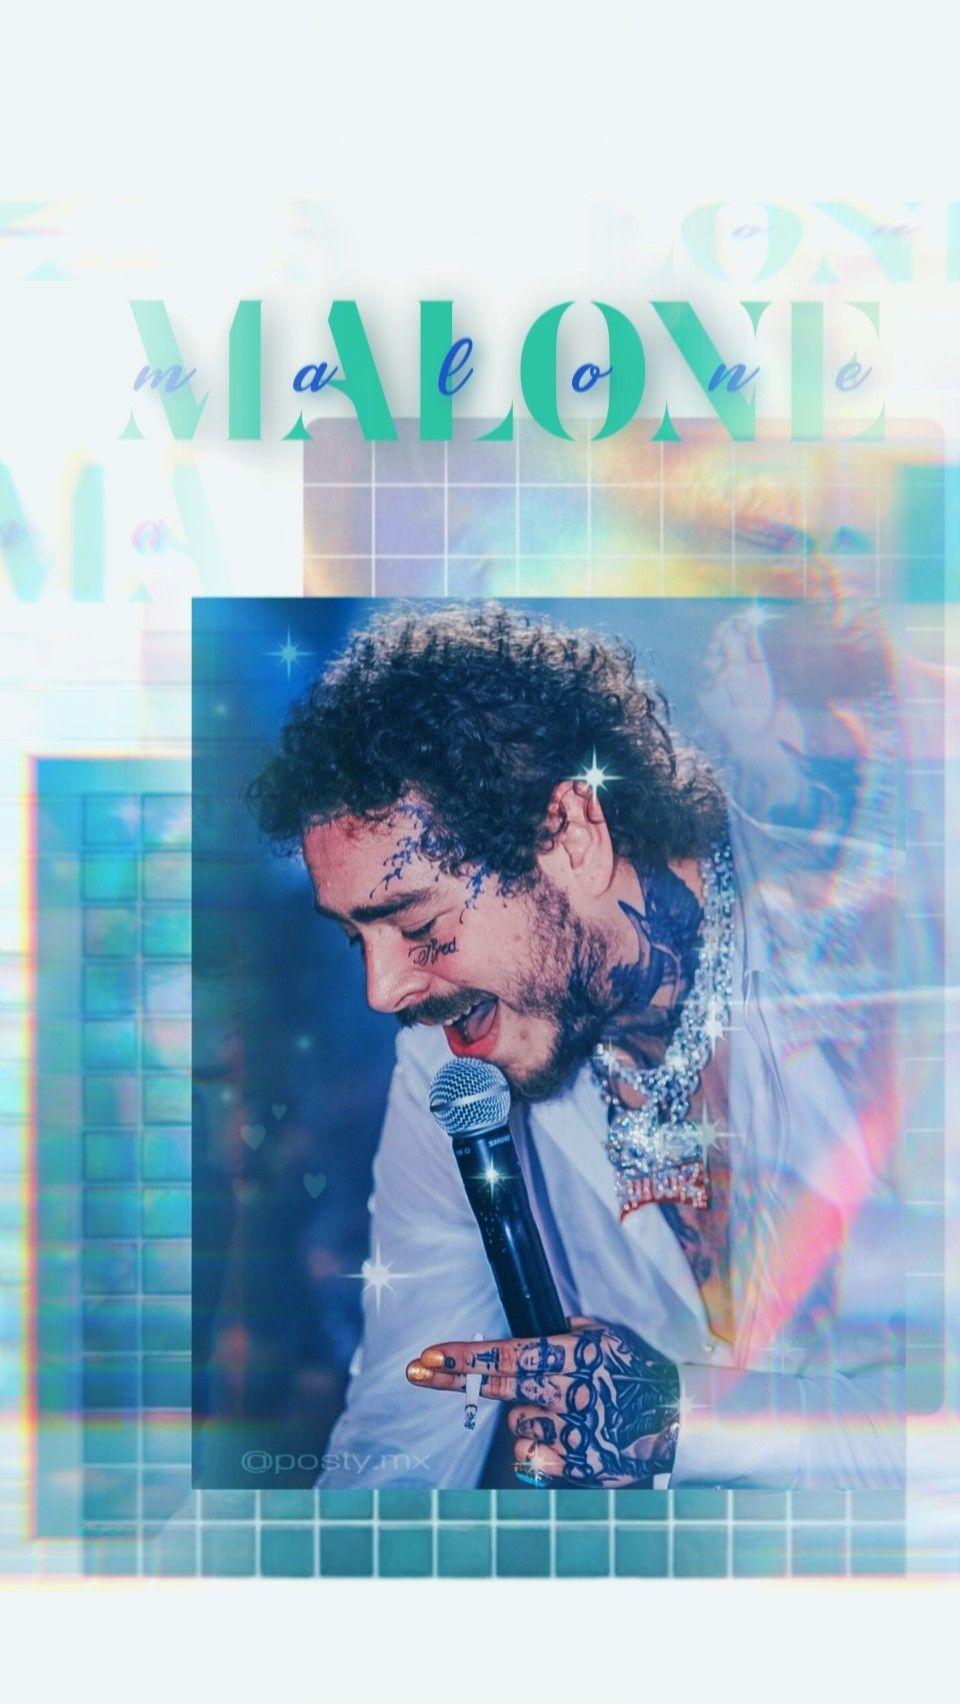 Malone 💛 in 2020 Post malone wallpaper, Post malone